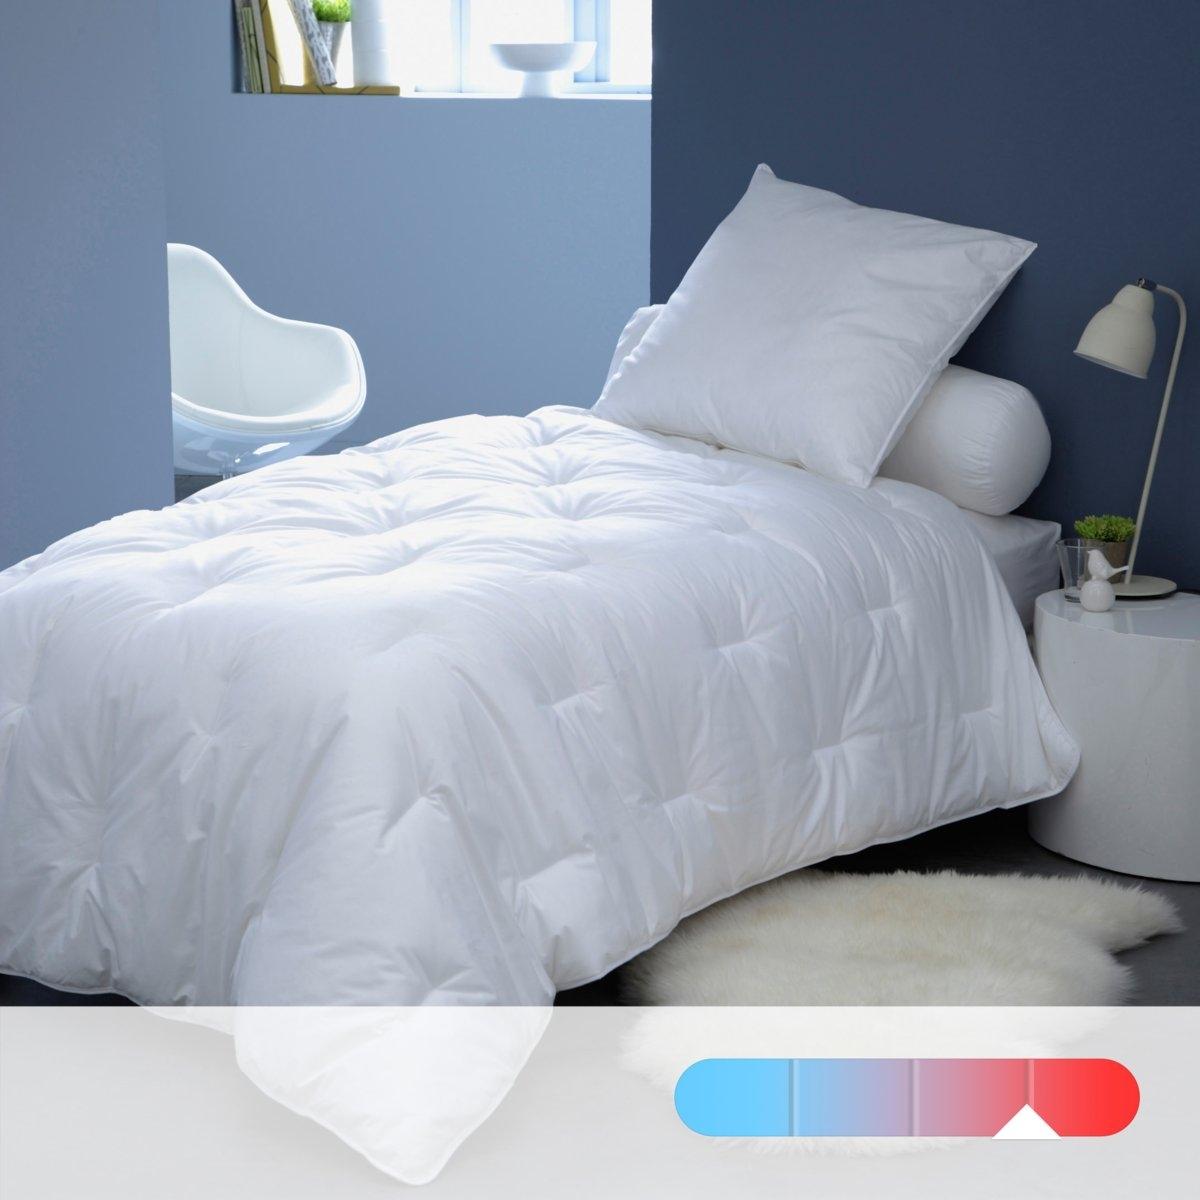 цена Синтетическое La Redoute Одеяло гм Quallofil Allerban 140 x 200 см белый онлайн в 2017 году